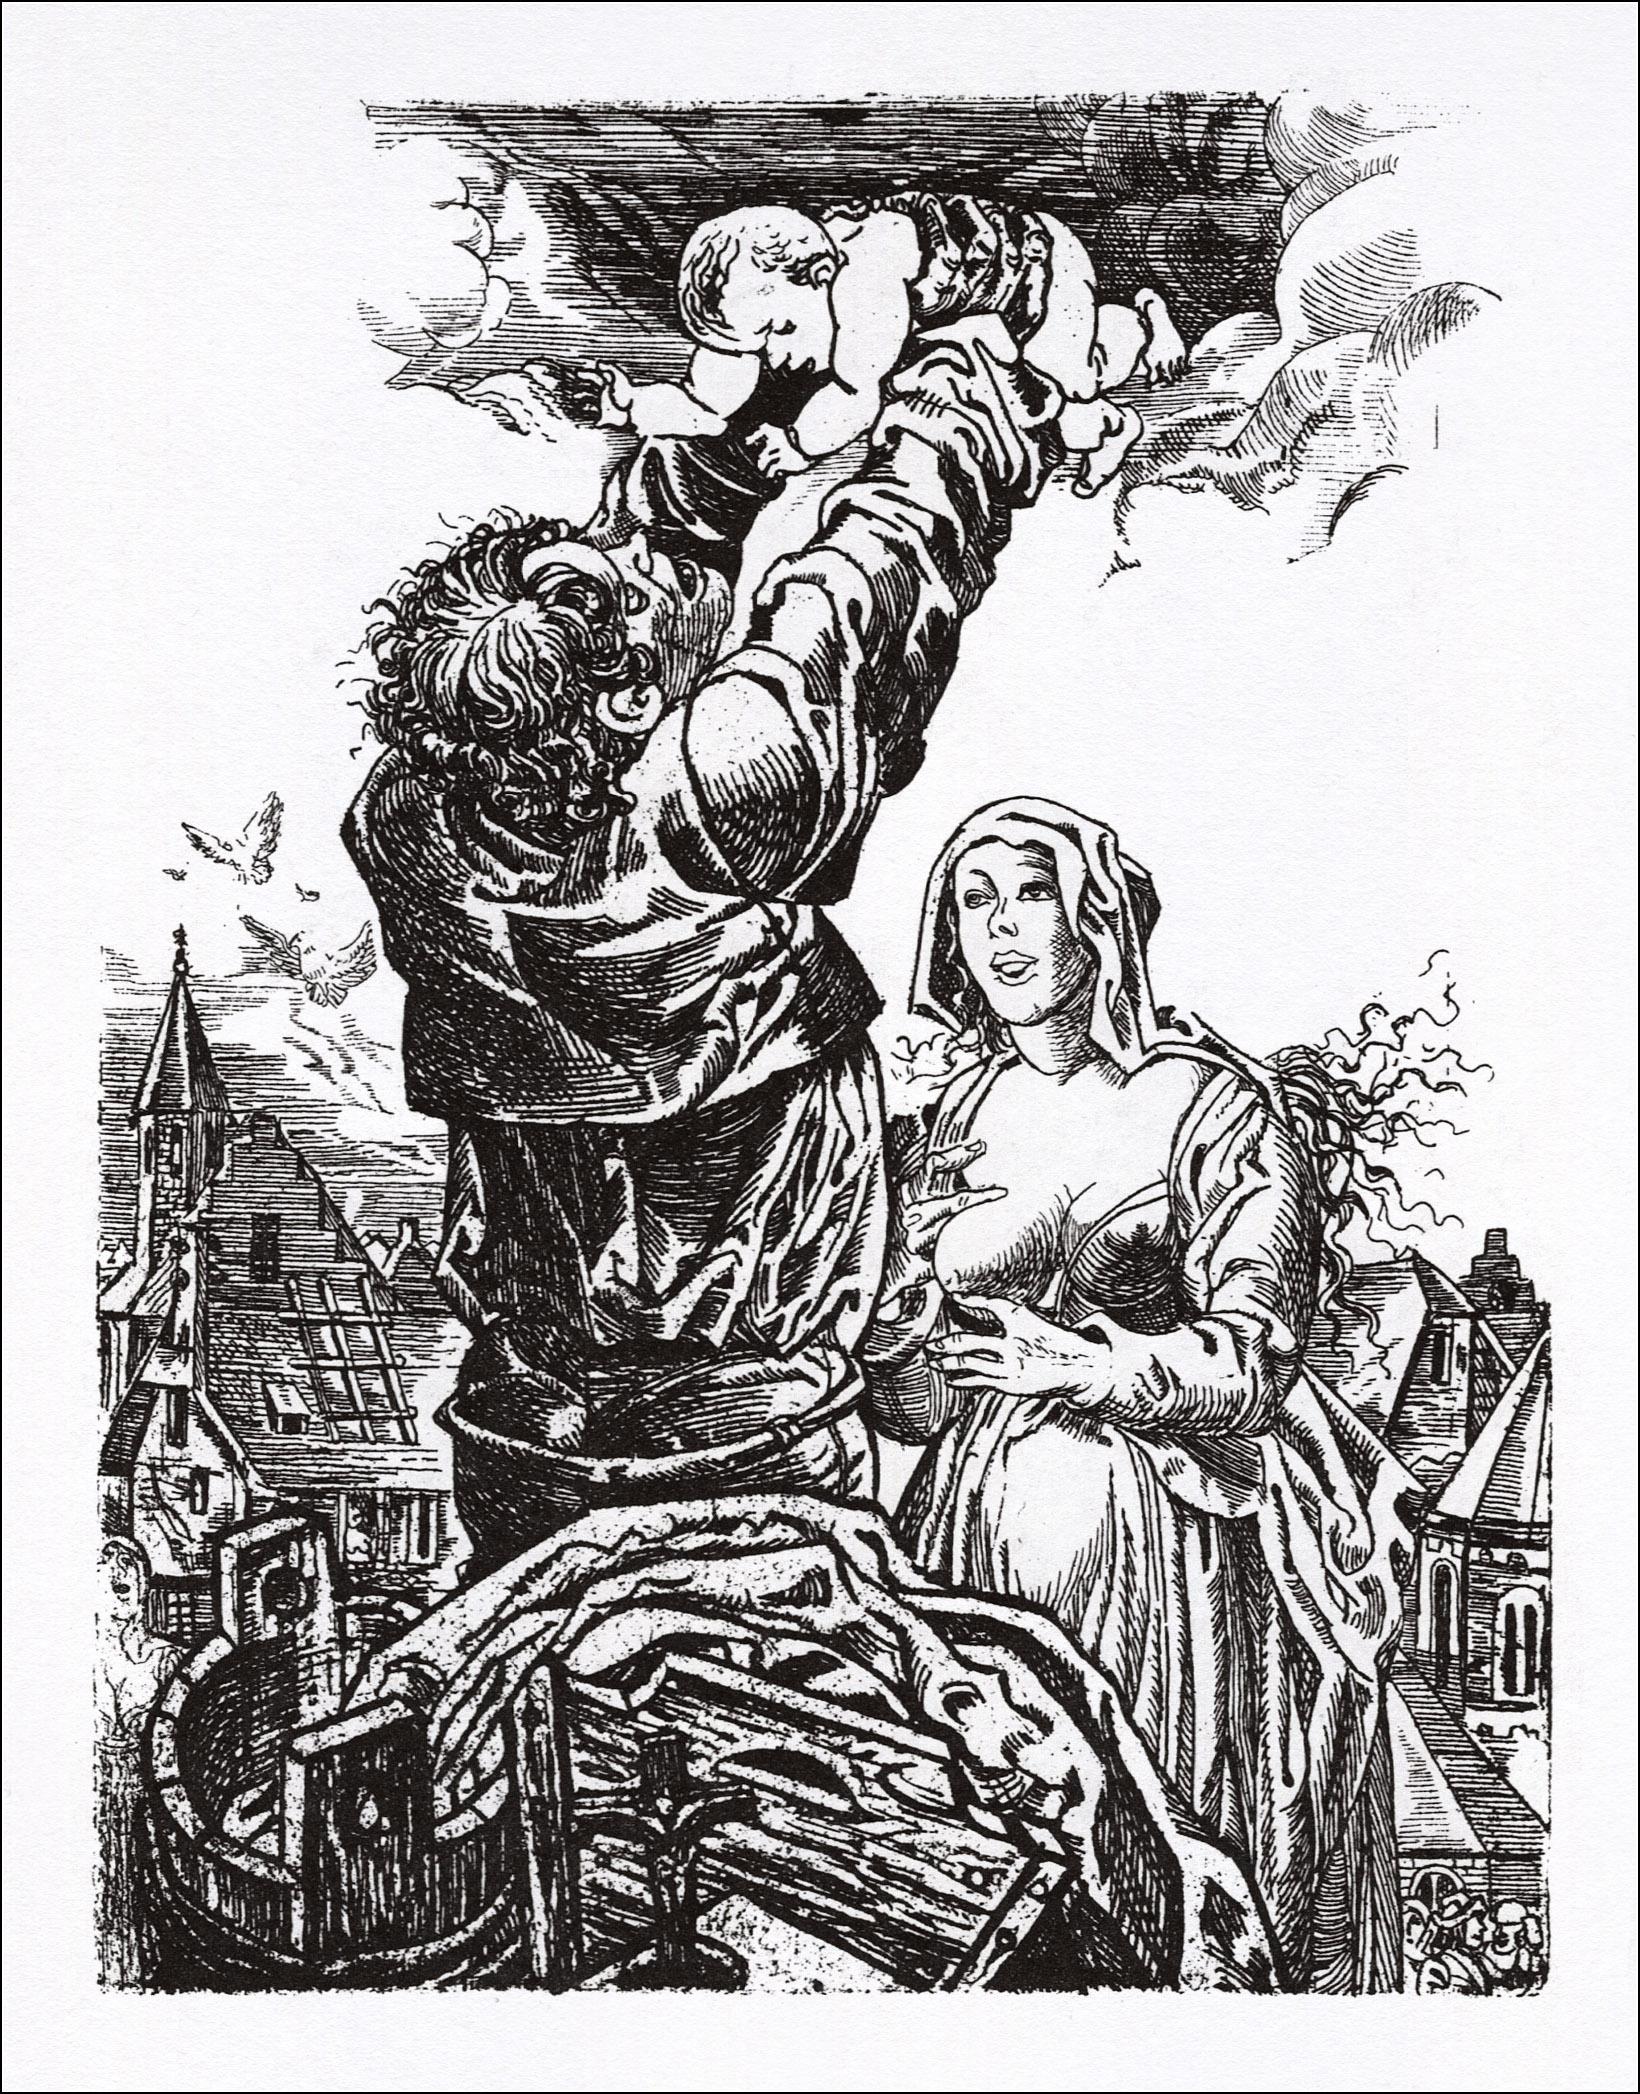 Легенда про героїчні,веселі і славетні пригоди Уленшпігеля1